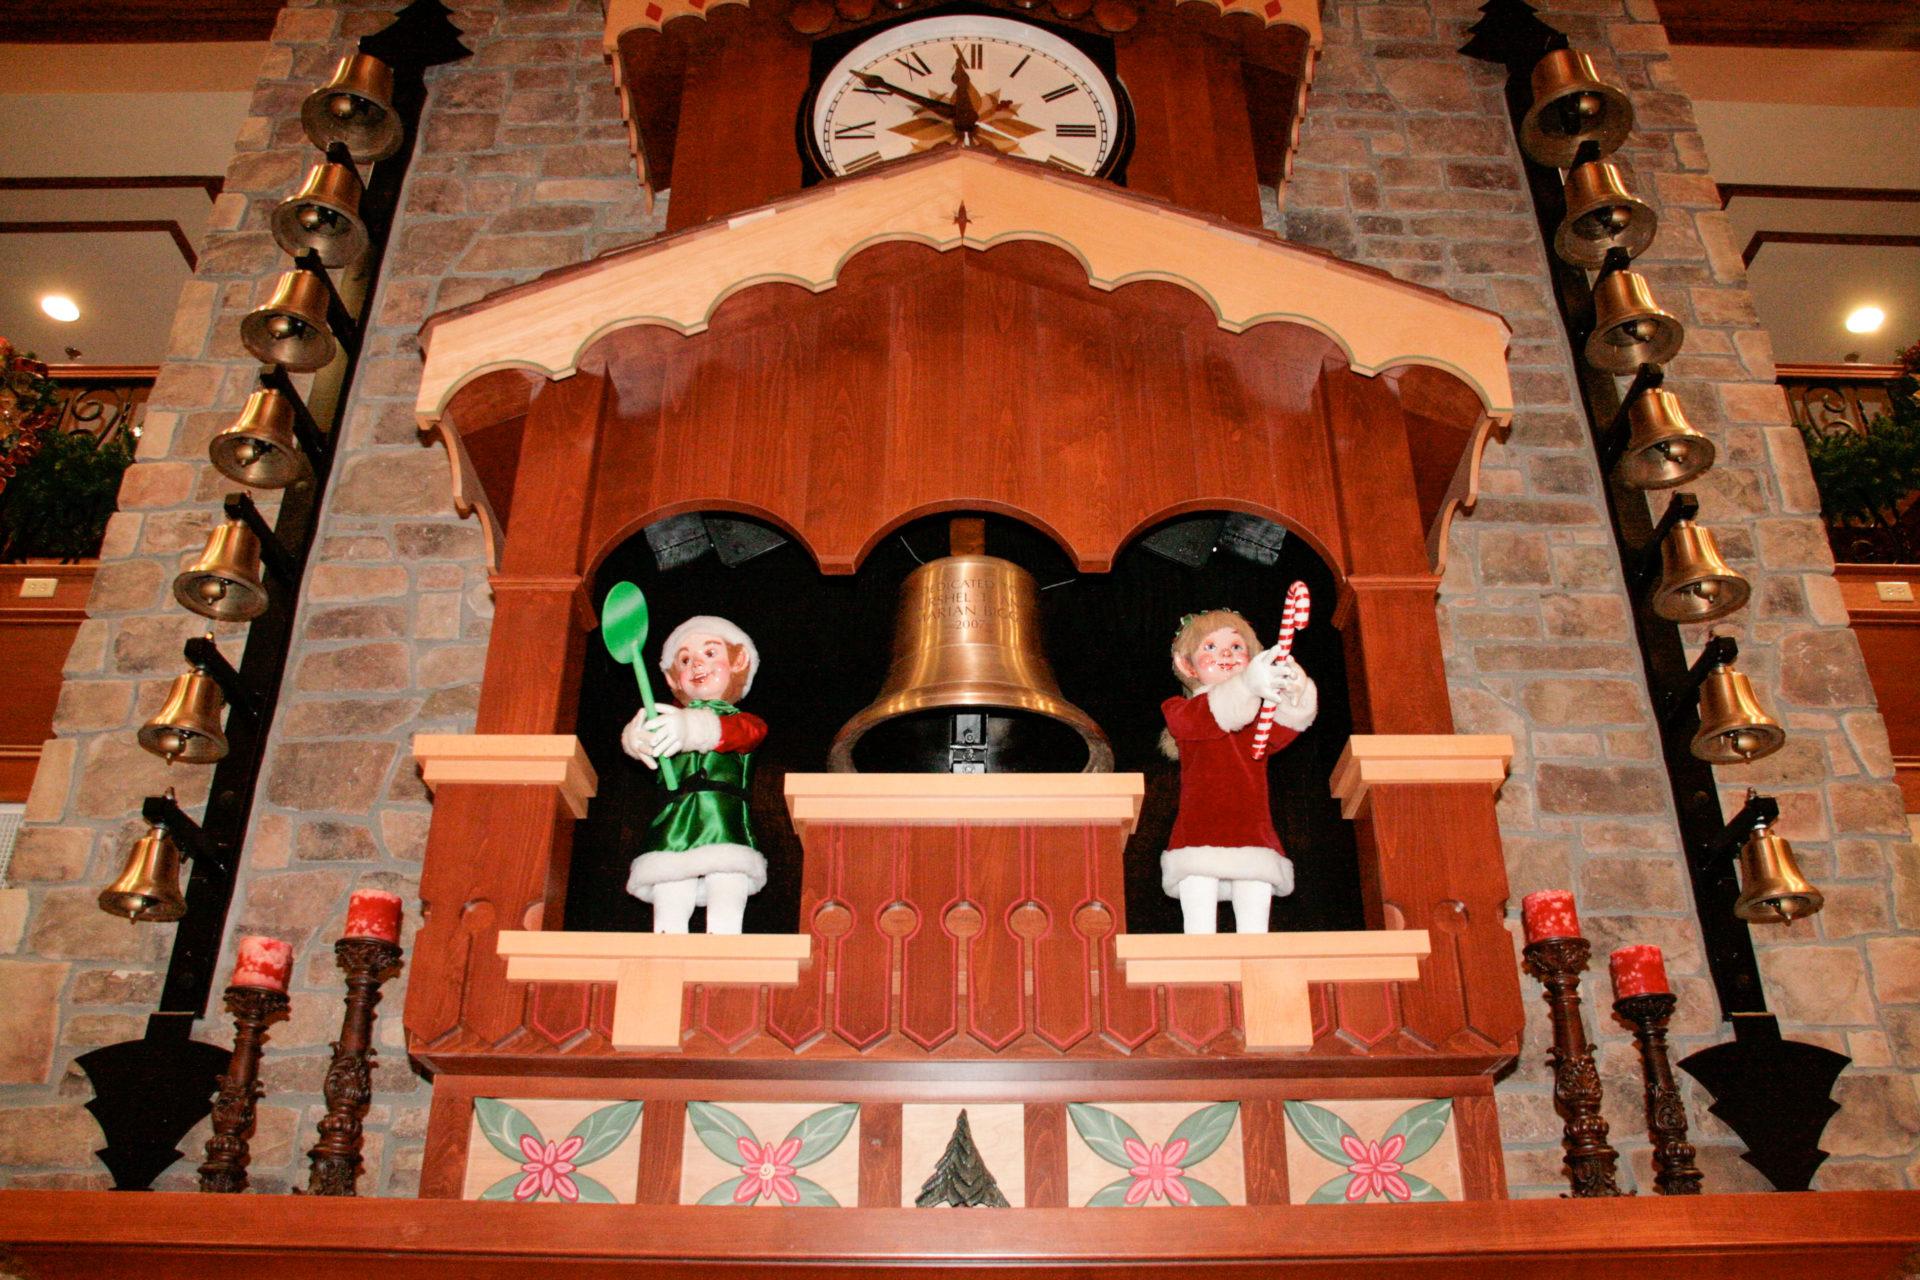 Glockenspiel in der Lobby des Weihnachtshotels in Pigeon Forge